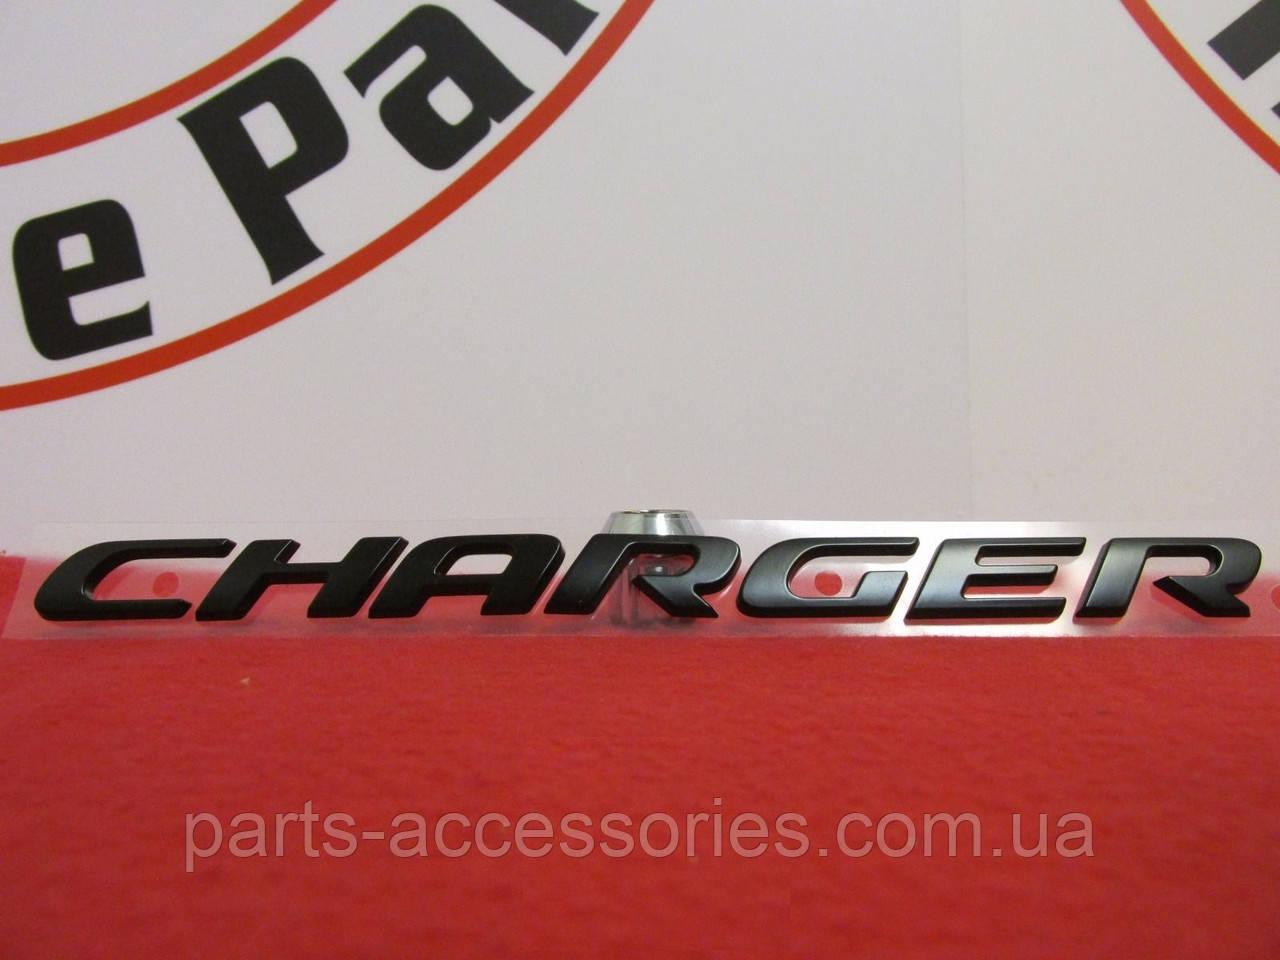 Dodge Charger 2015-16 эмблема значок надпись Charger черная Новая Оригинал